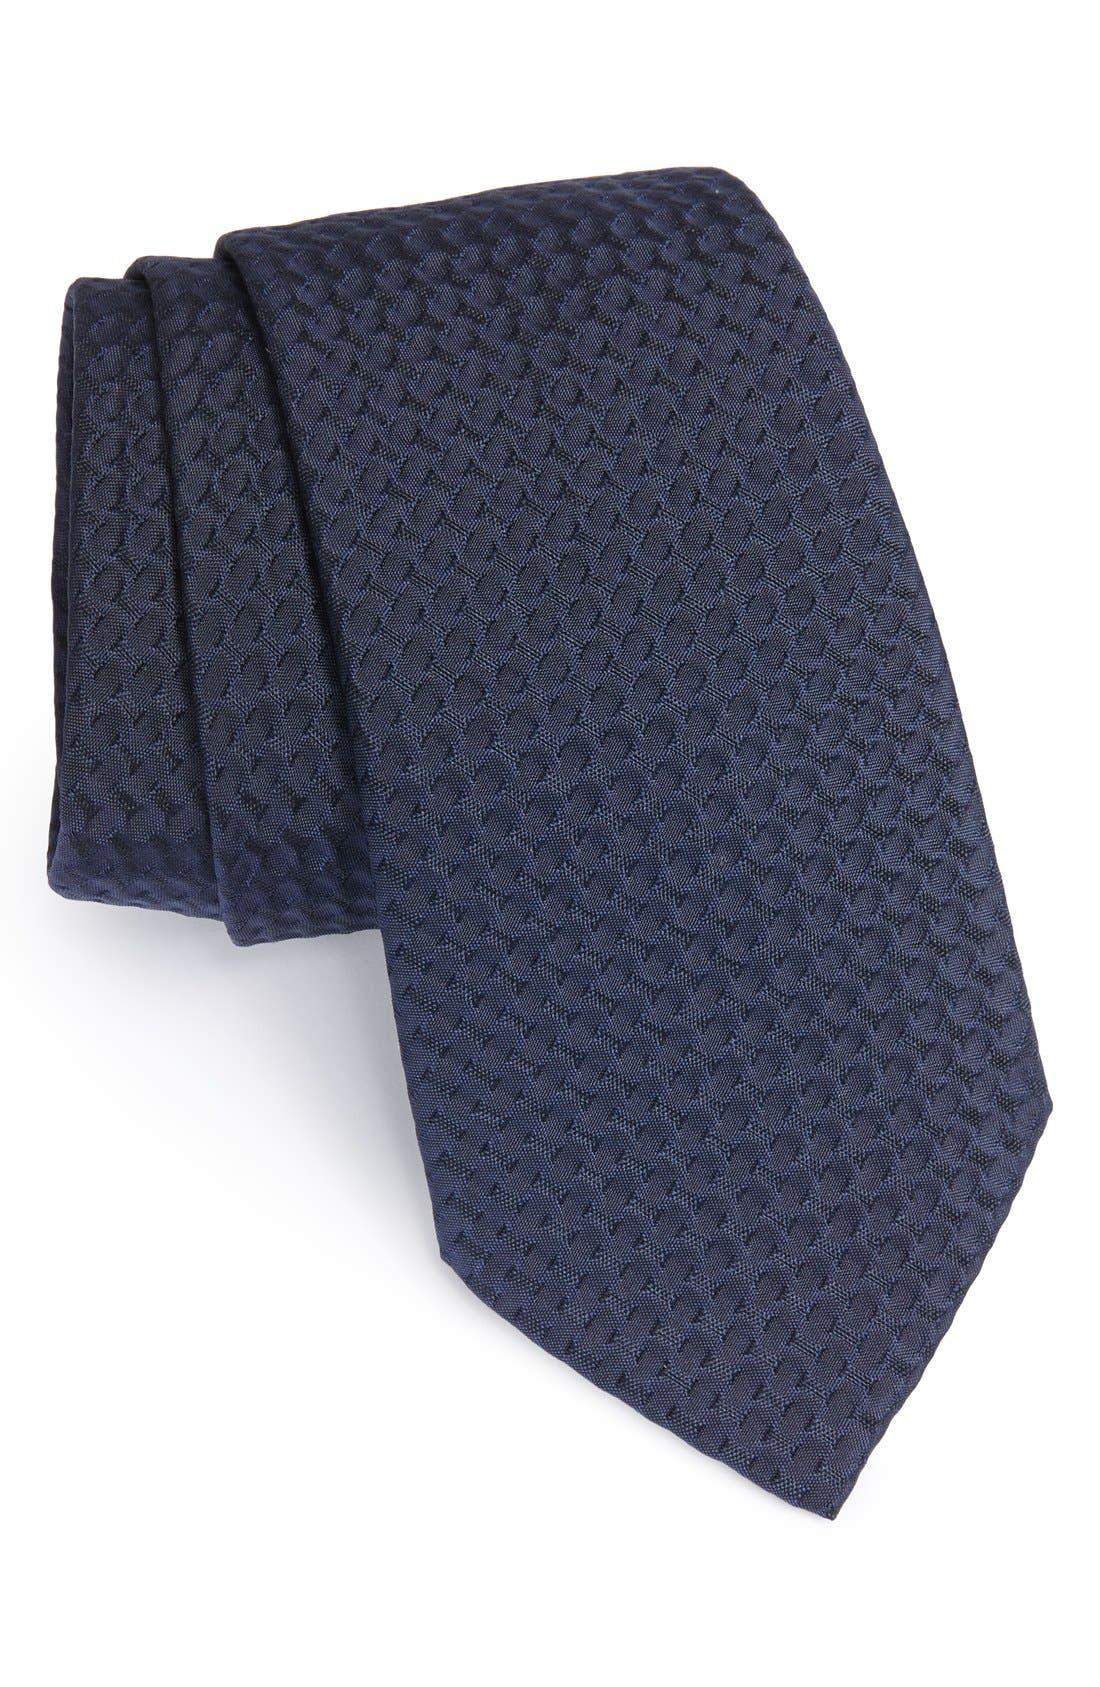 Main Image - Armani Collezioni Woven Silk & Cotton Tie